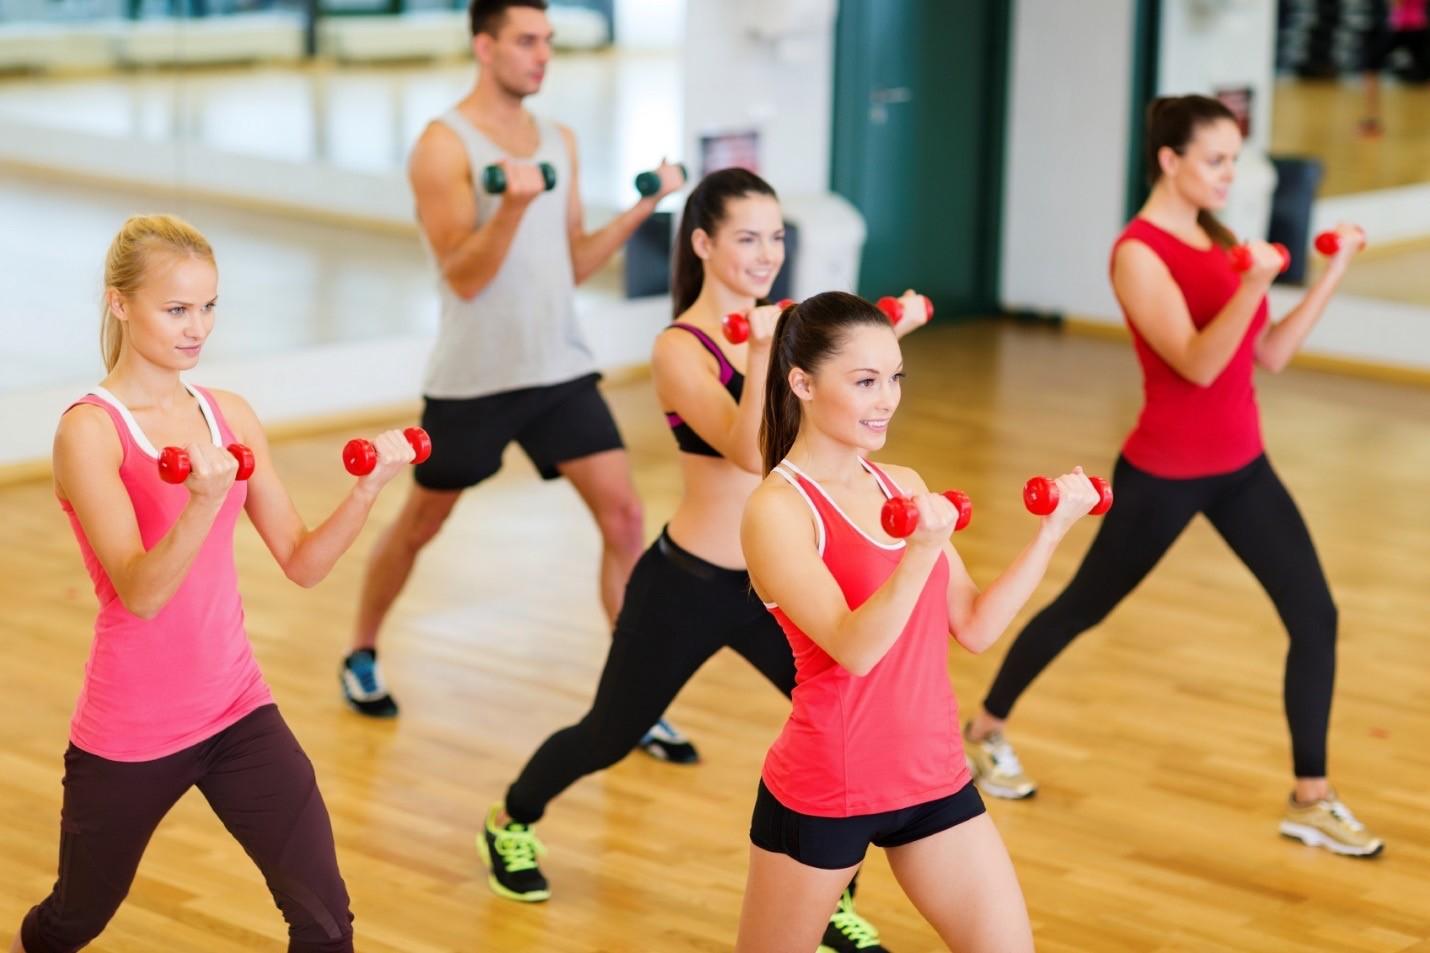 В Российской Федерации официально появится профессия «фитнес-инструктор»